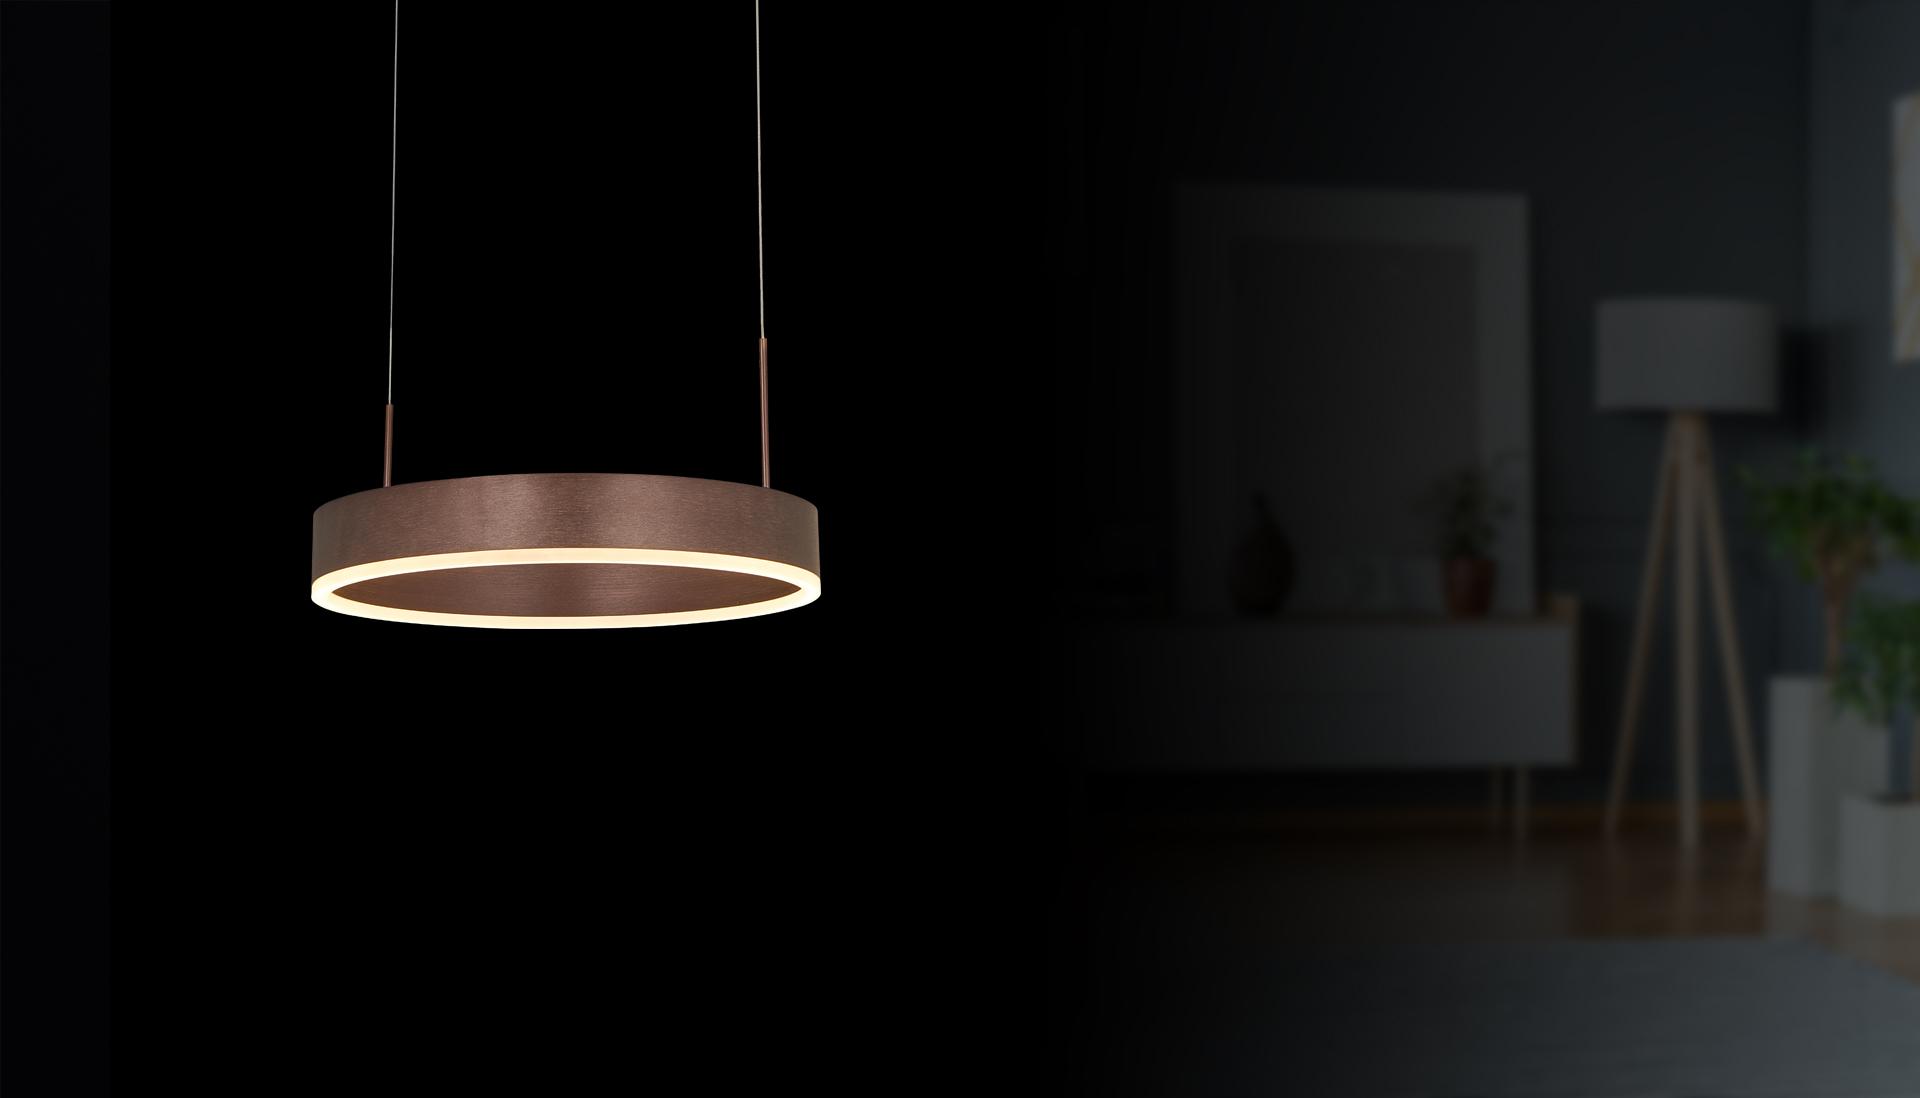 LED hanging lamp & ring light Milano